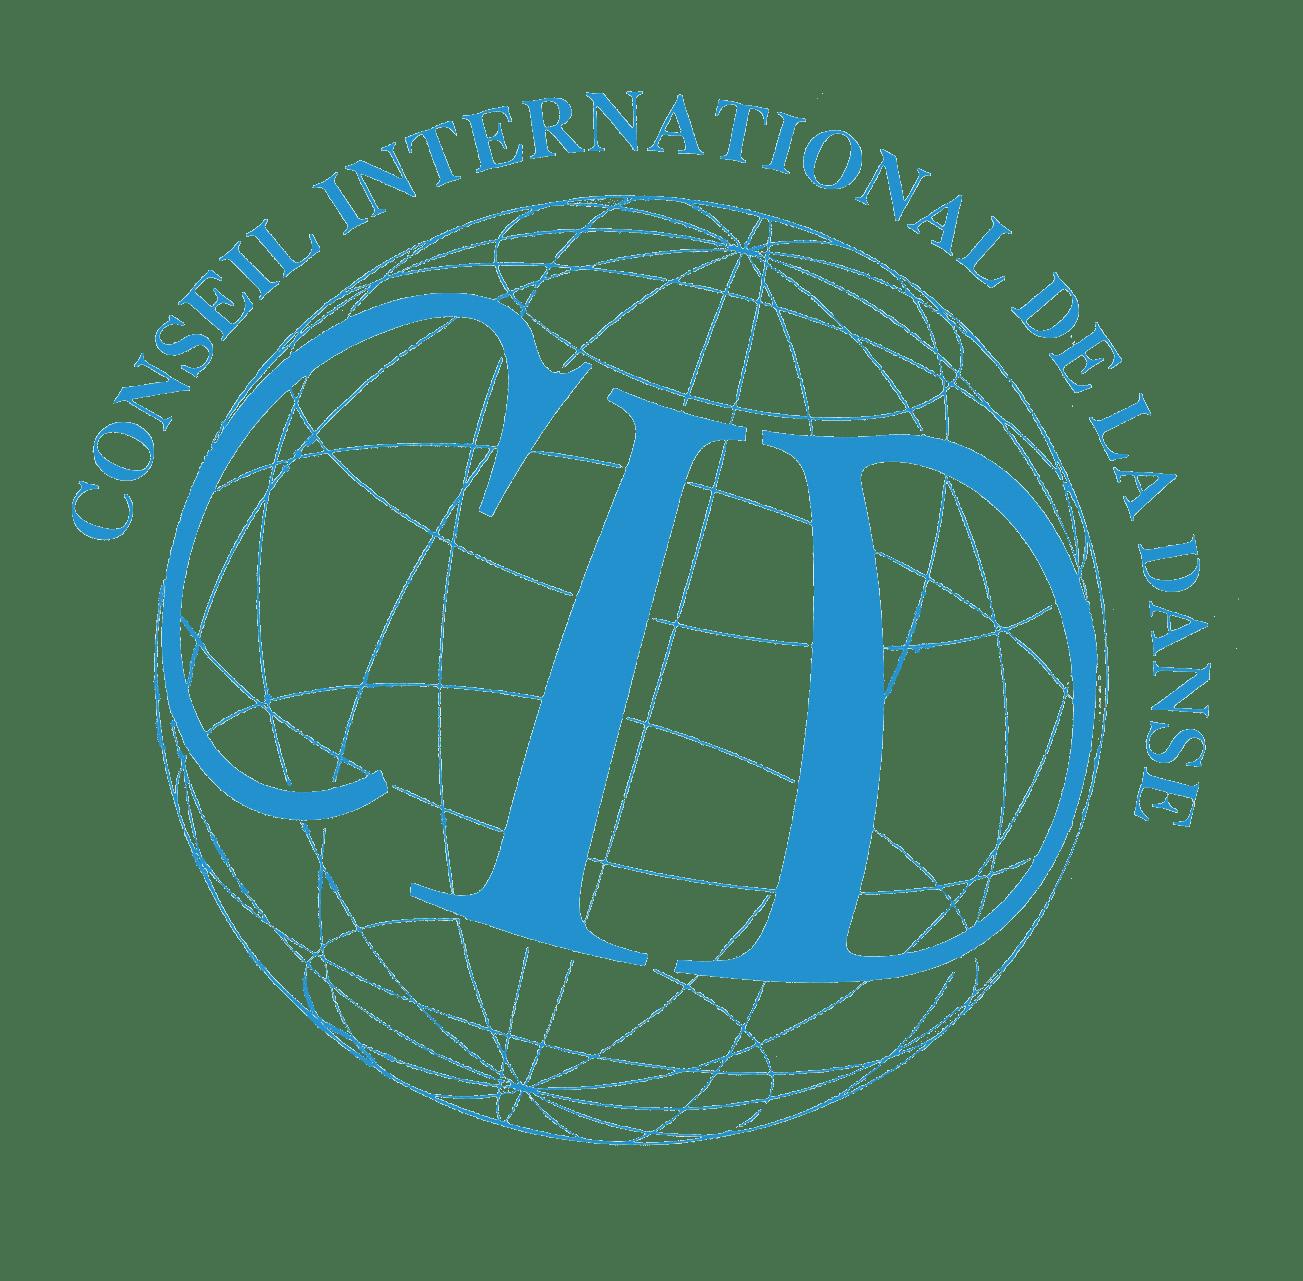 Руководитель коллектива Тен Наталья Владимировна и ансамбль джаз-танца Медиам — Член Международного Совета ЮНЕСКО по танцу!!!